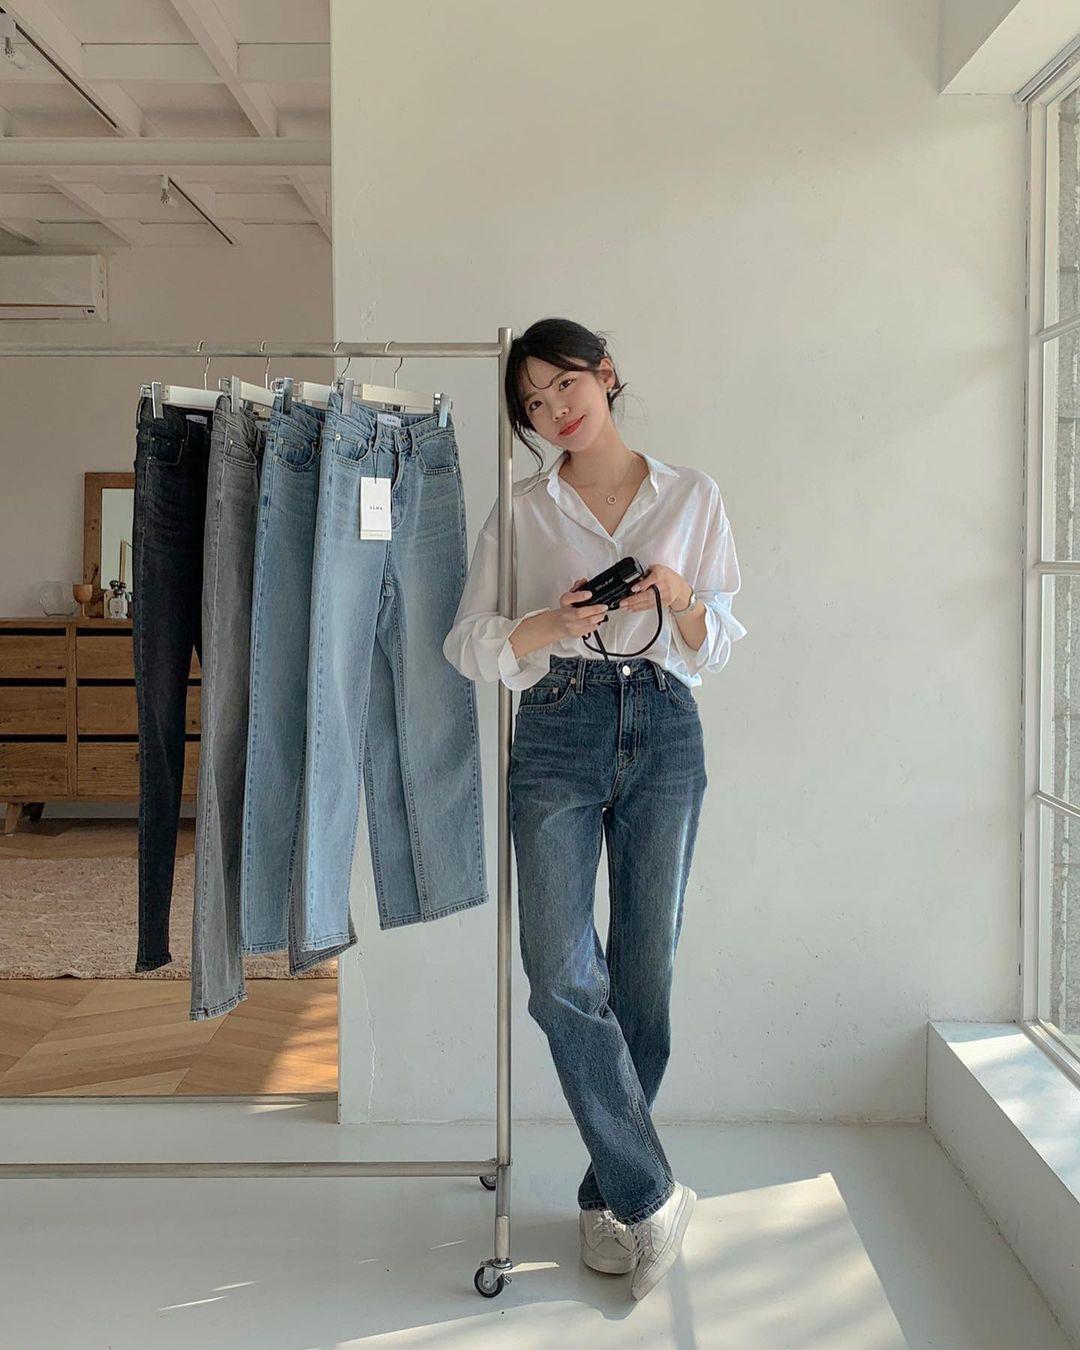 """Học nàng blogger Hàn cách diện jeans """"đỉnh của chóp"""": Vừa hack dáng vừa thanh lịch để đến sở làm - Ảnh 4"""